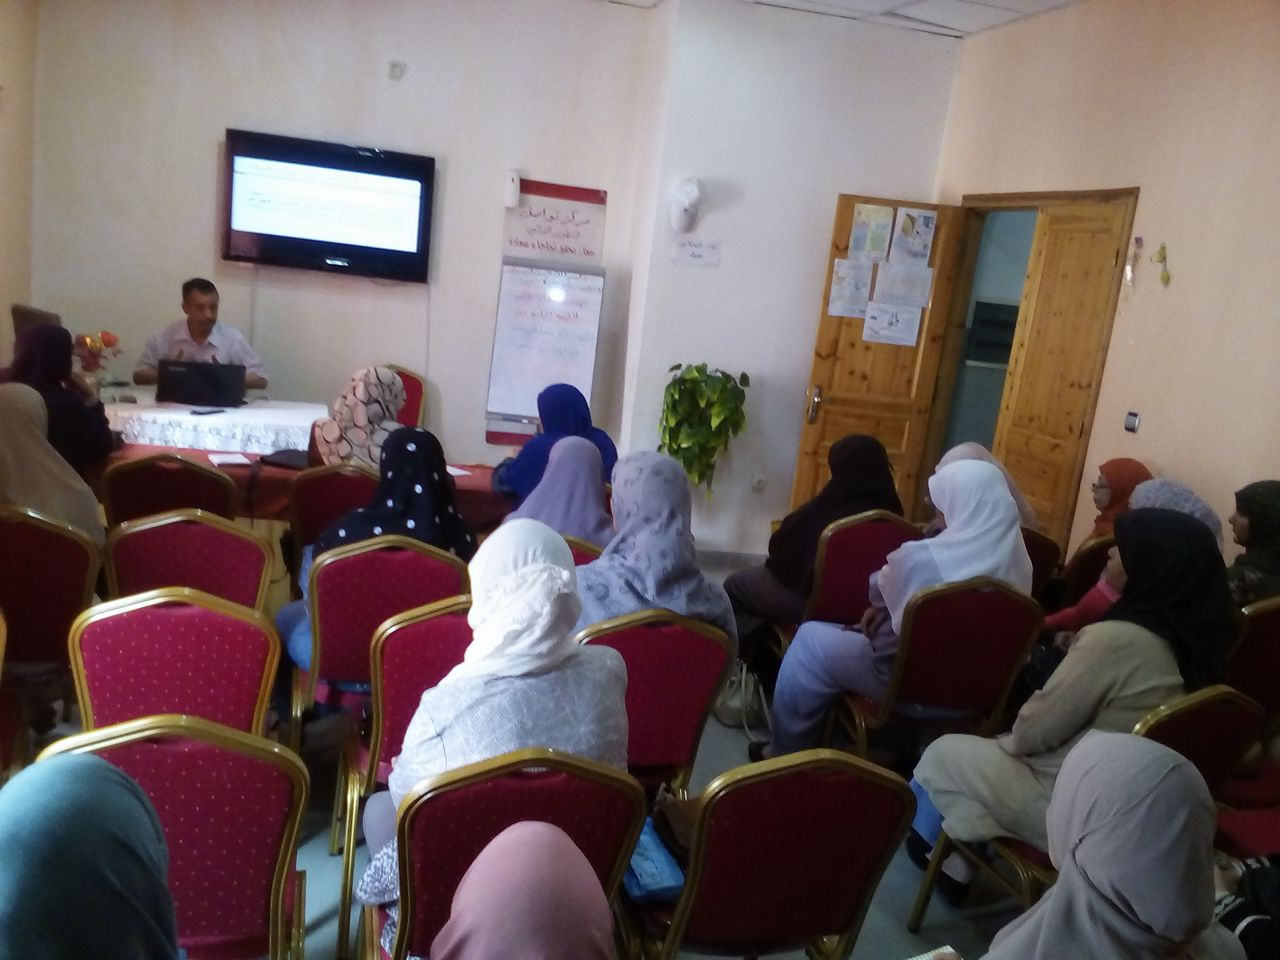 محاضرة بعنوان الانتصار في رمضان - جمعية العلماء المسلمين الجزائريين - شعبة عنابة